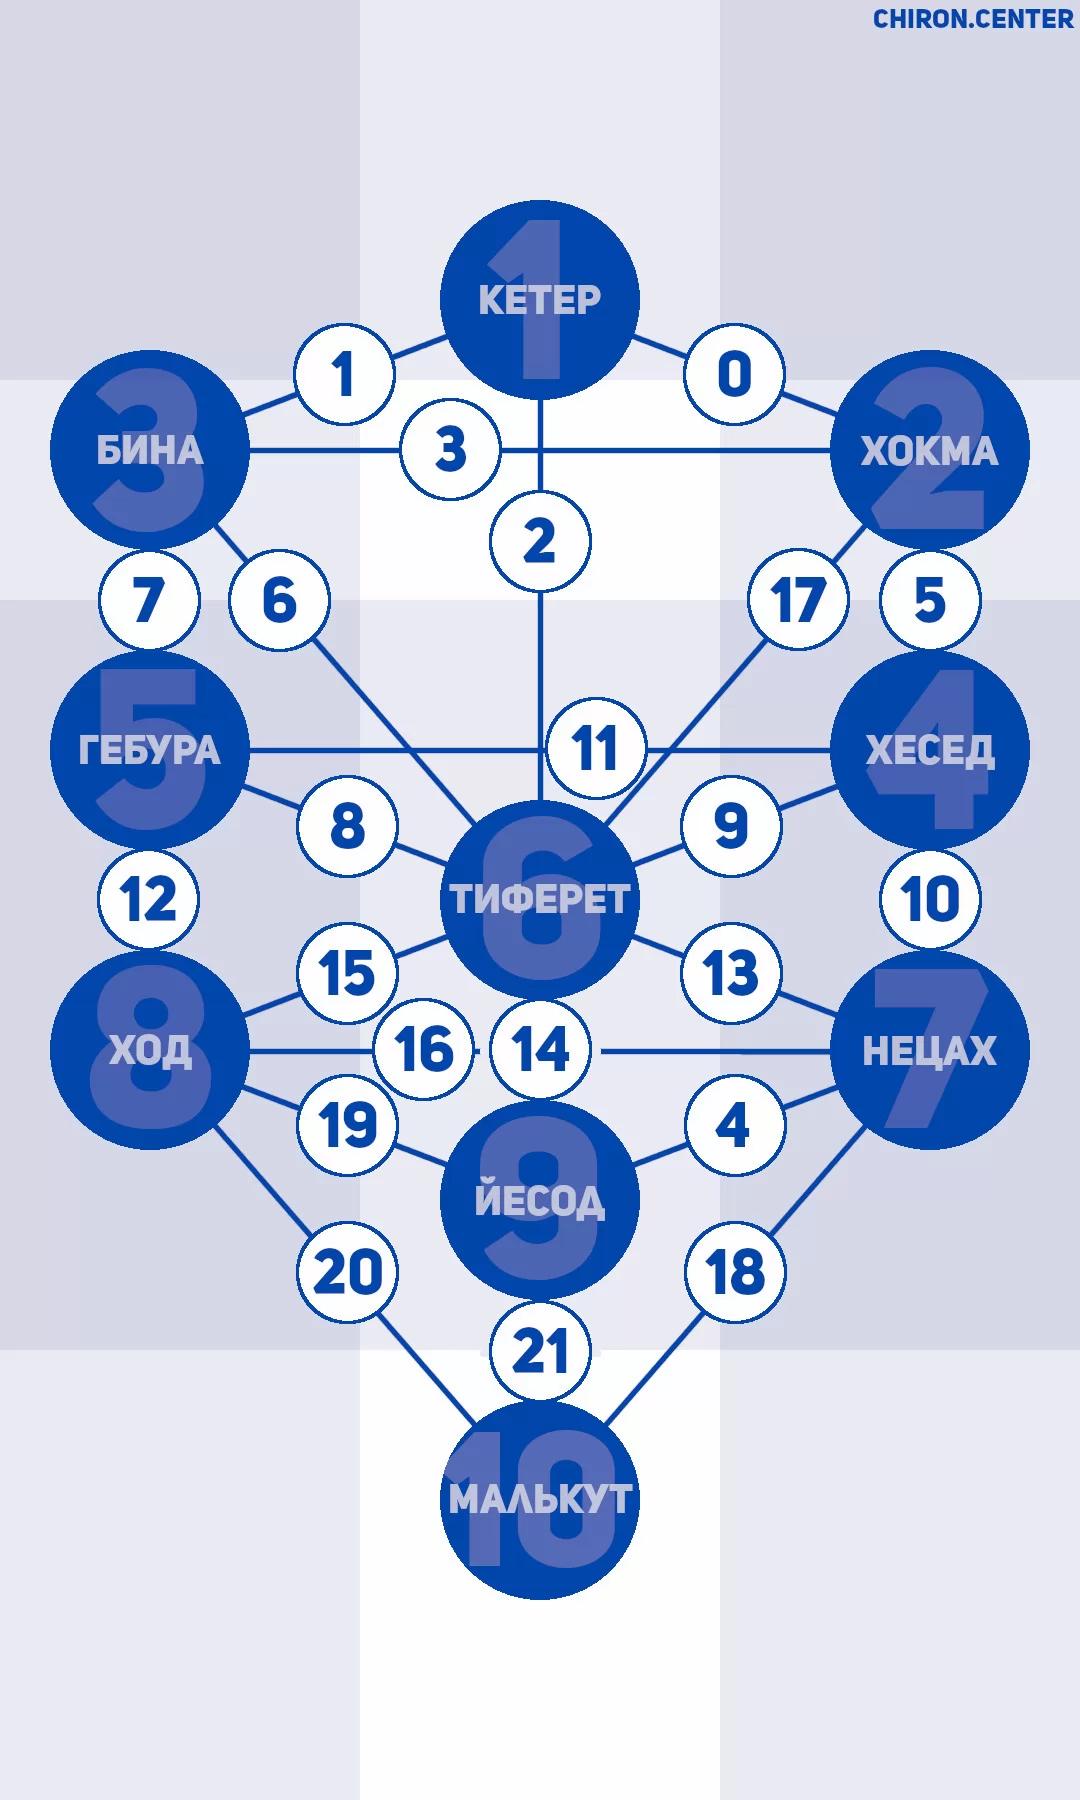 Цинароты — это линии, которыми соединены между собой сефироты составляющие Древо Жизни. Они соответствуют 22 буквам еврейского алфавита и Старшим Арканам Таро. Но рассматривать их отдельно от Древа Жизни нельзя.